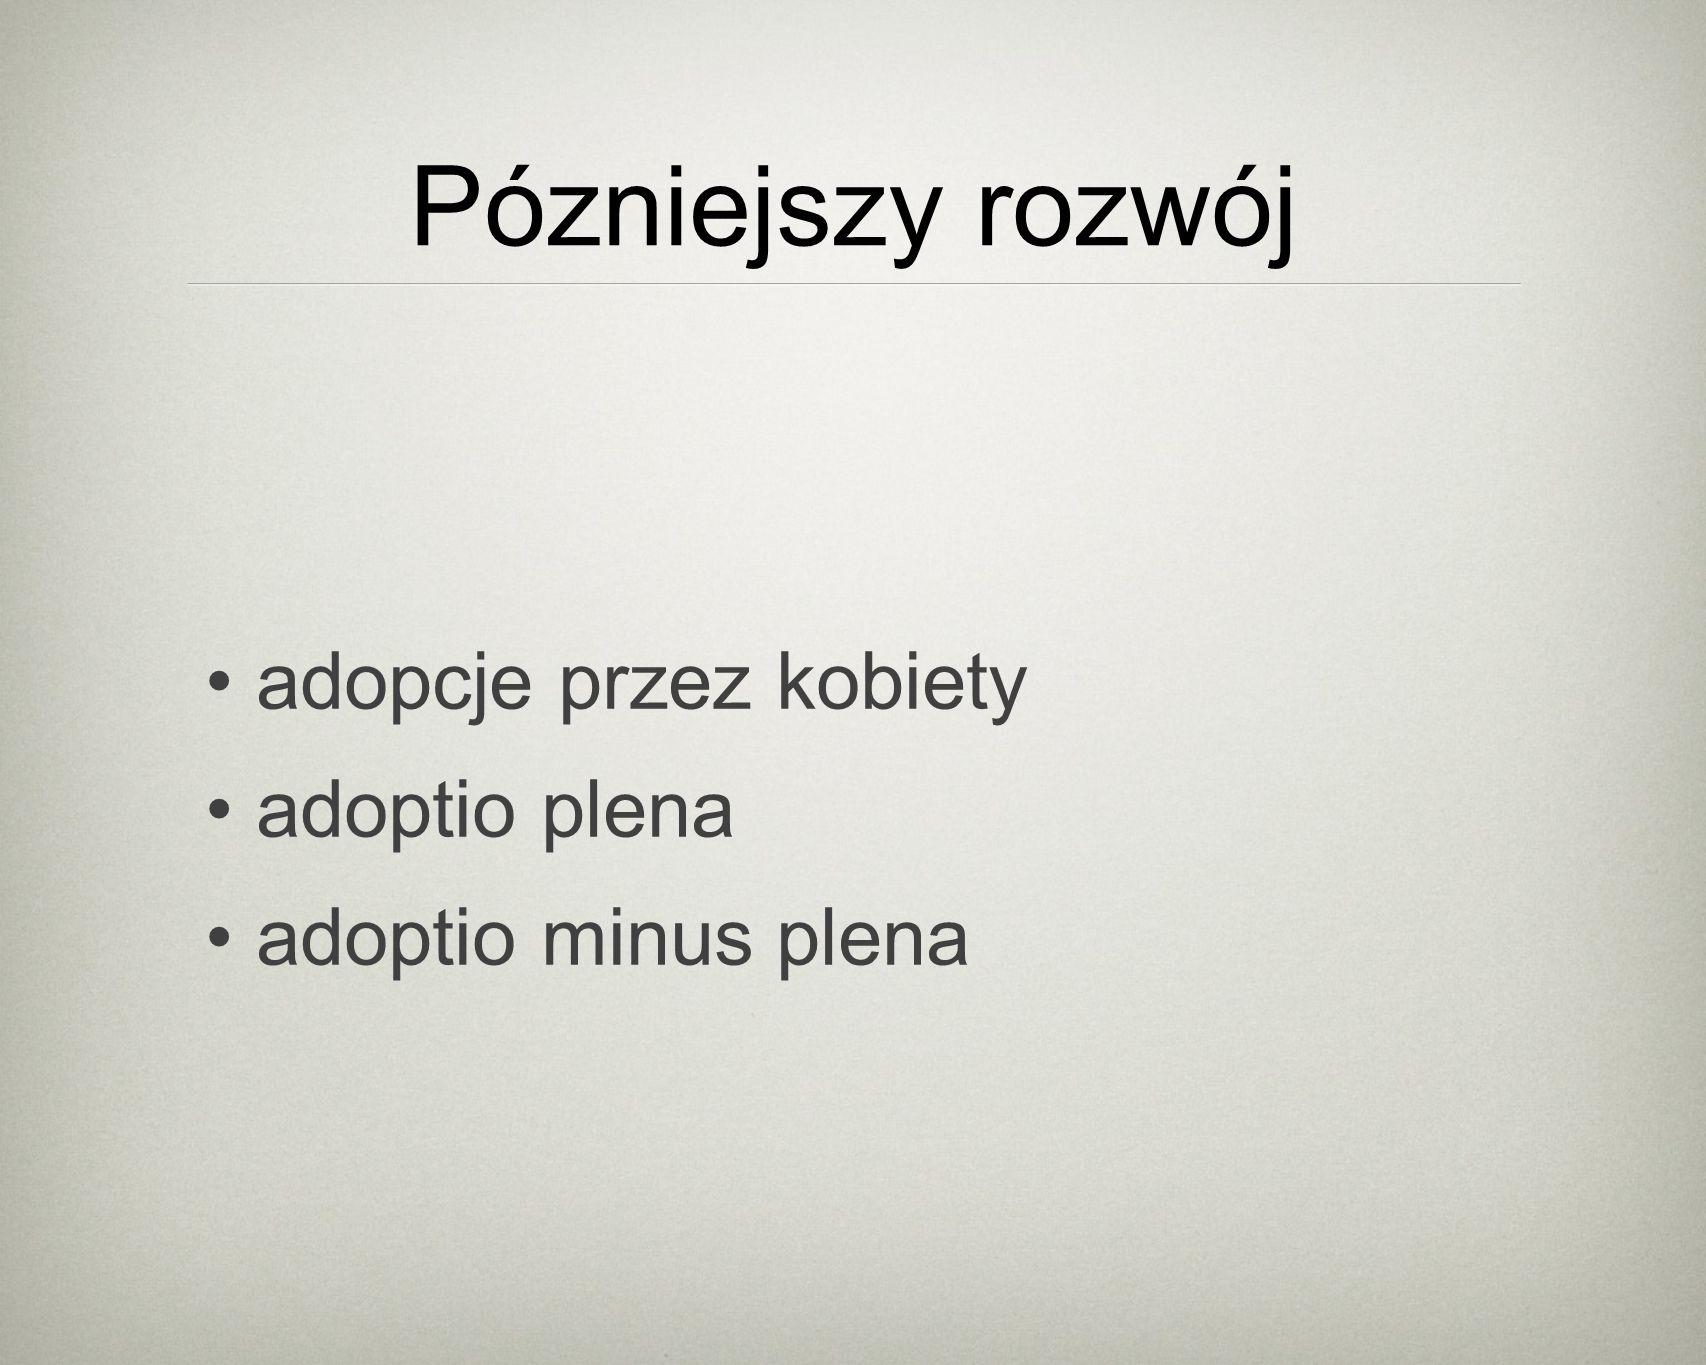 Pózniejszy rozwój adopcje przez kobiety adoptio plena adoptio minus plena